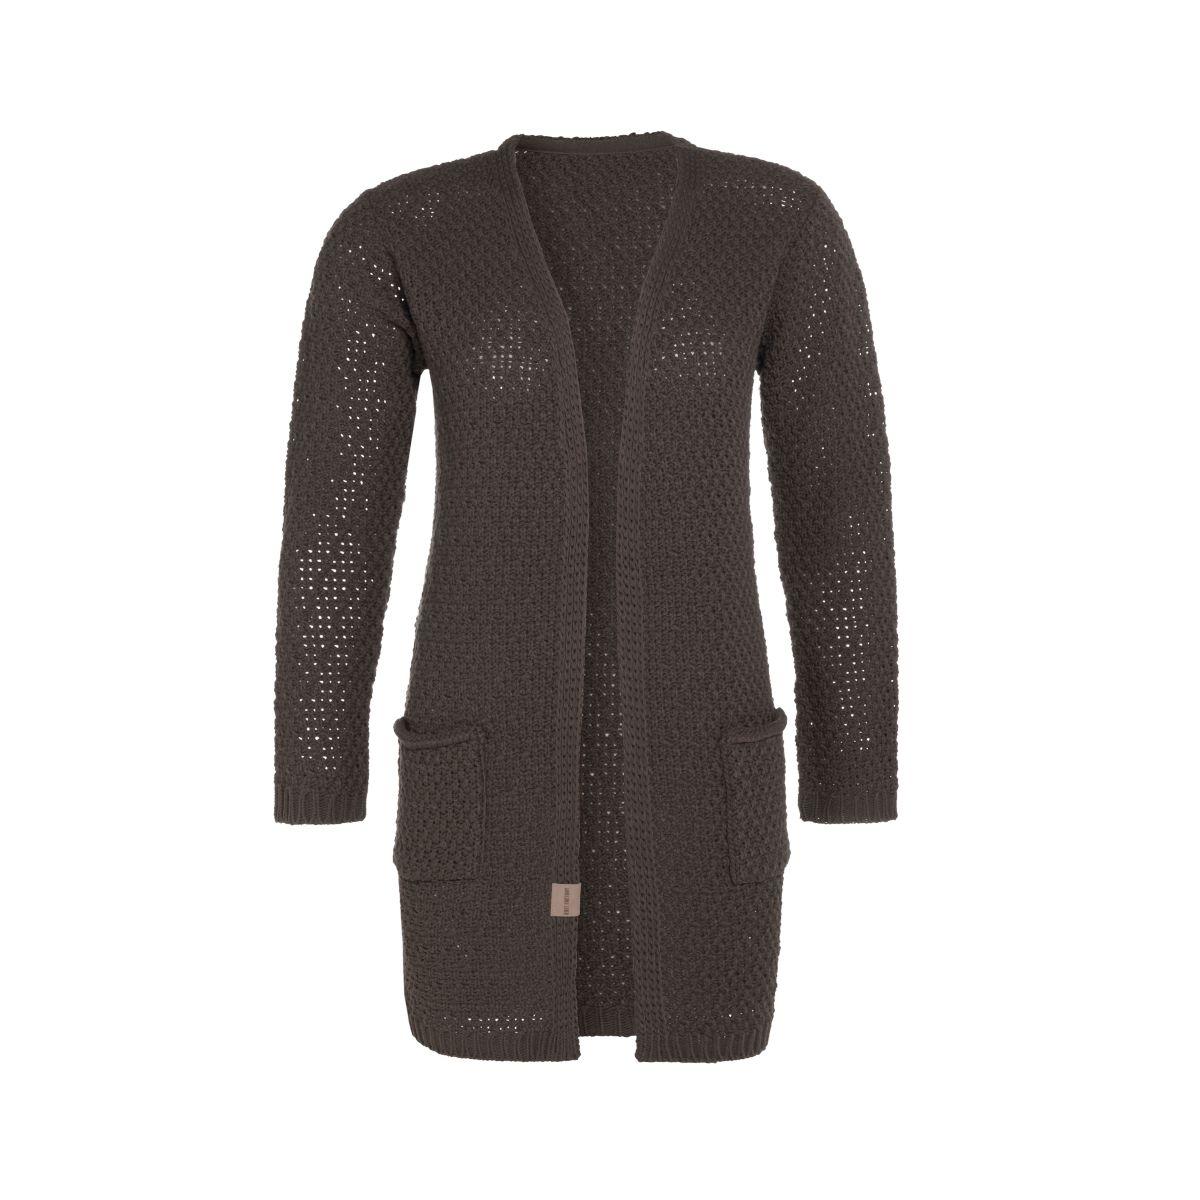 knit factory kf13308102951 luna vest taupe 4042 1